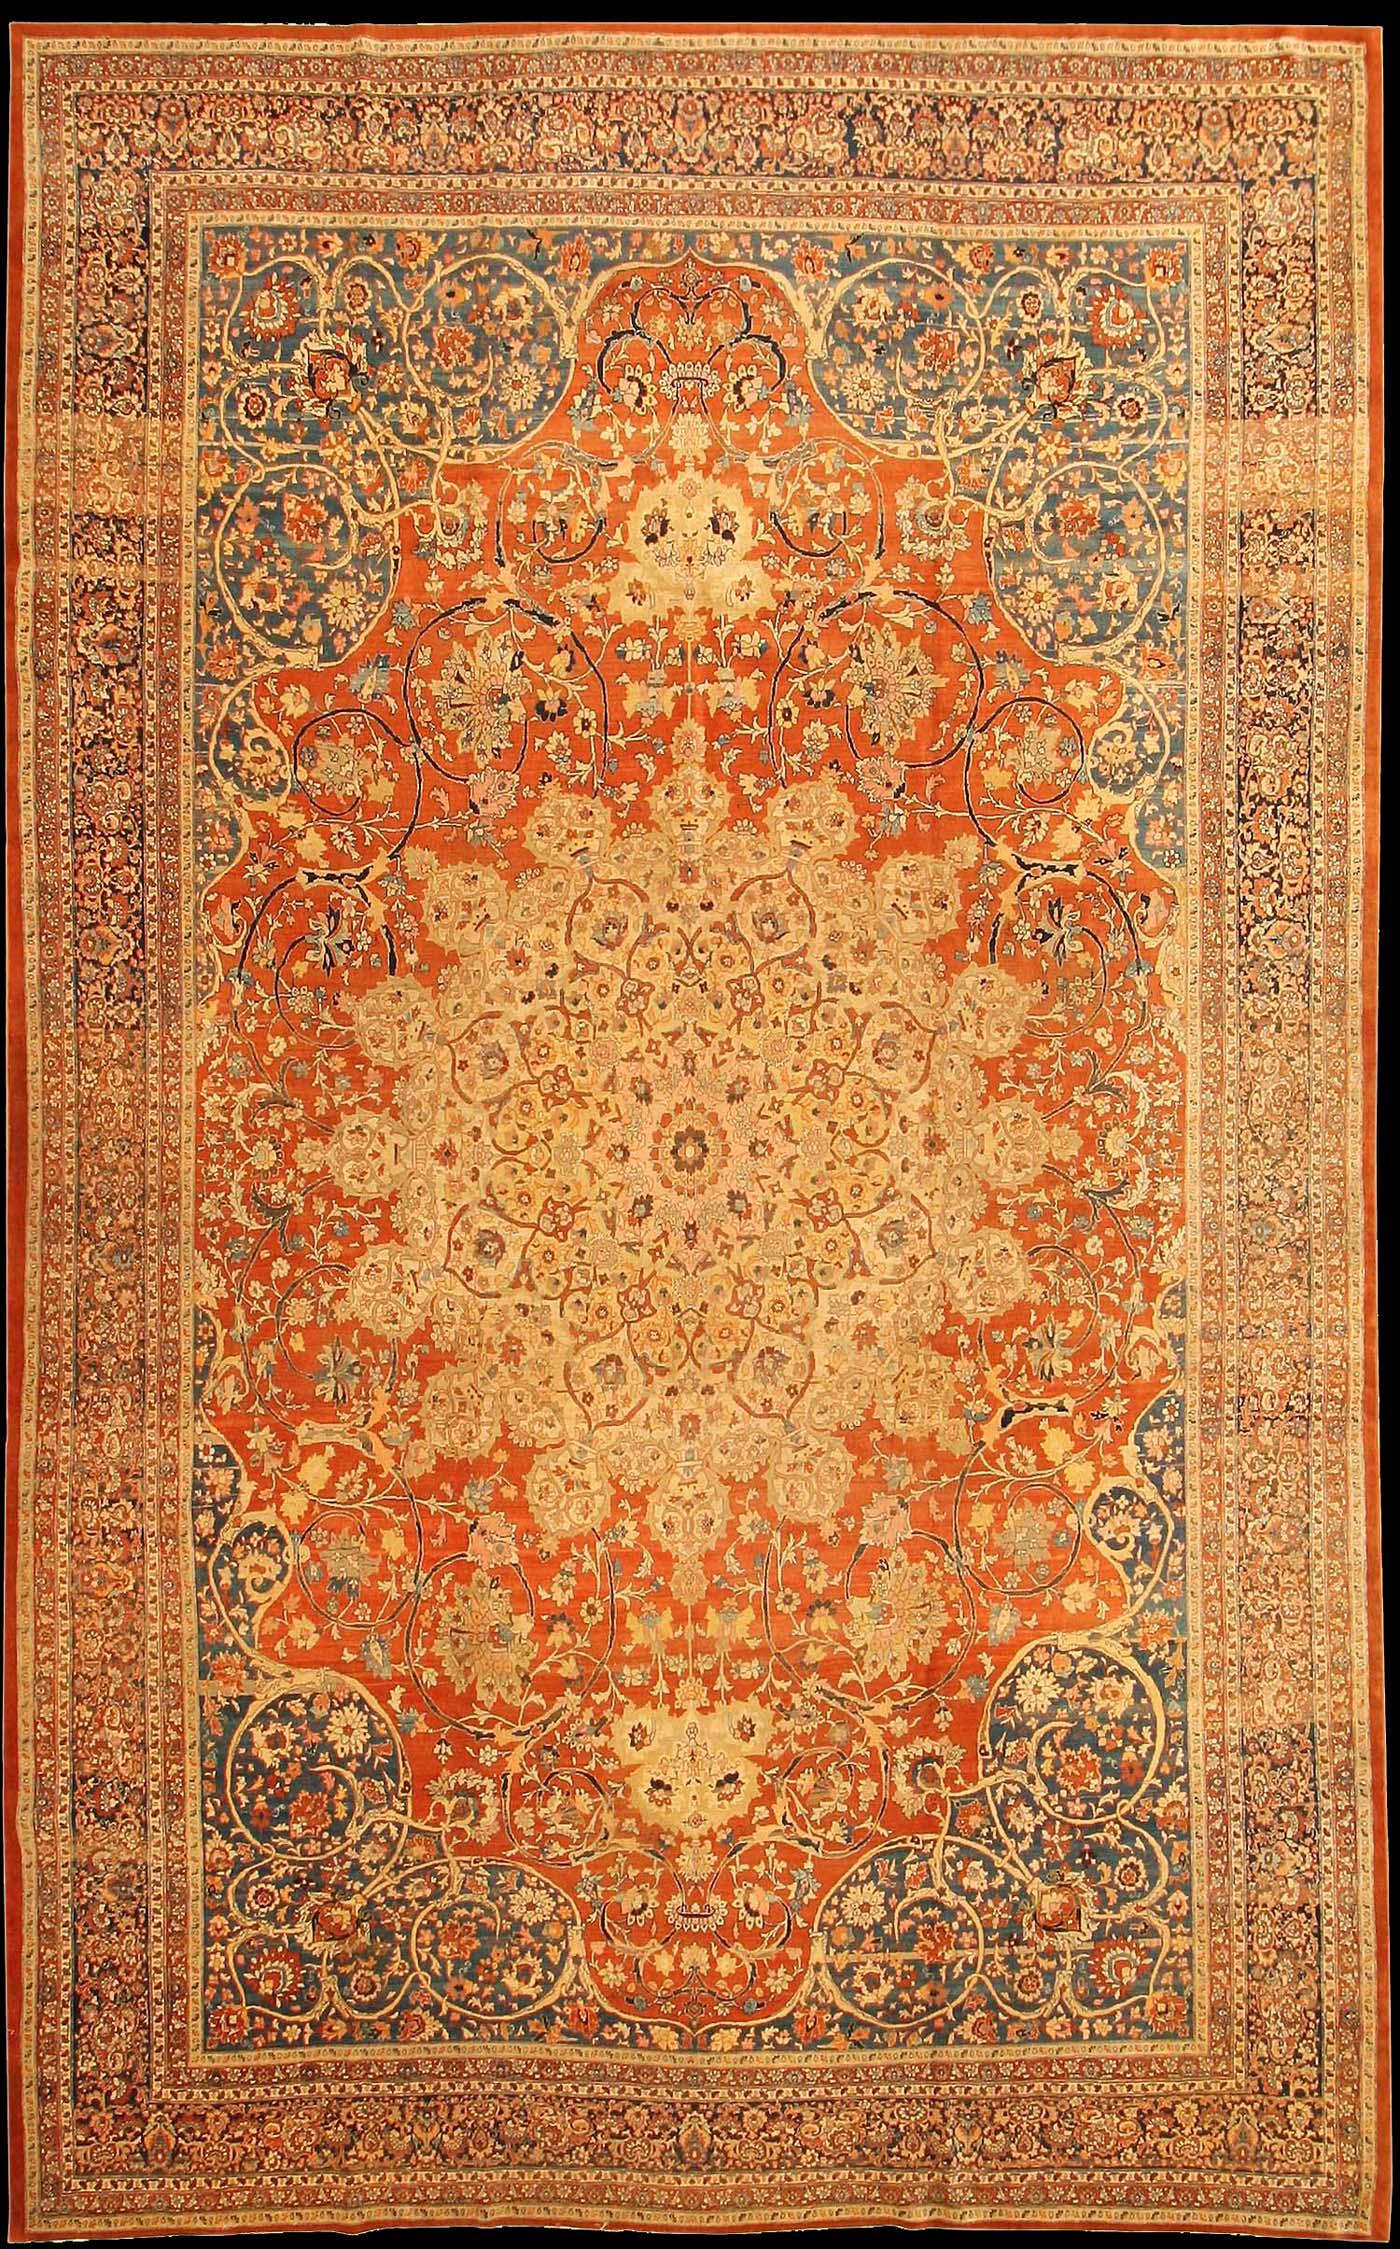 A Large Antique Tabriz Carpet